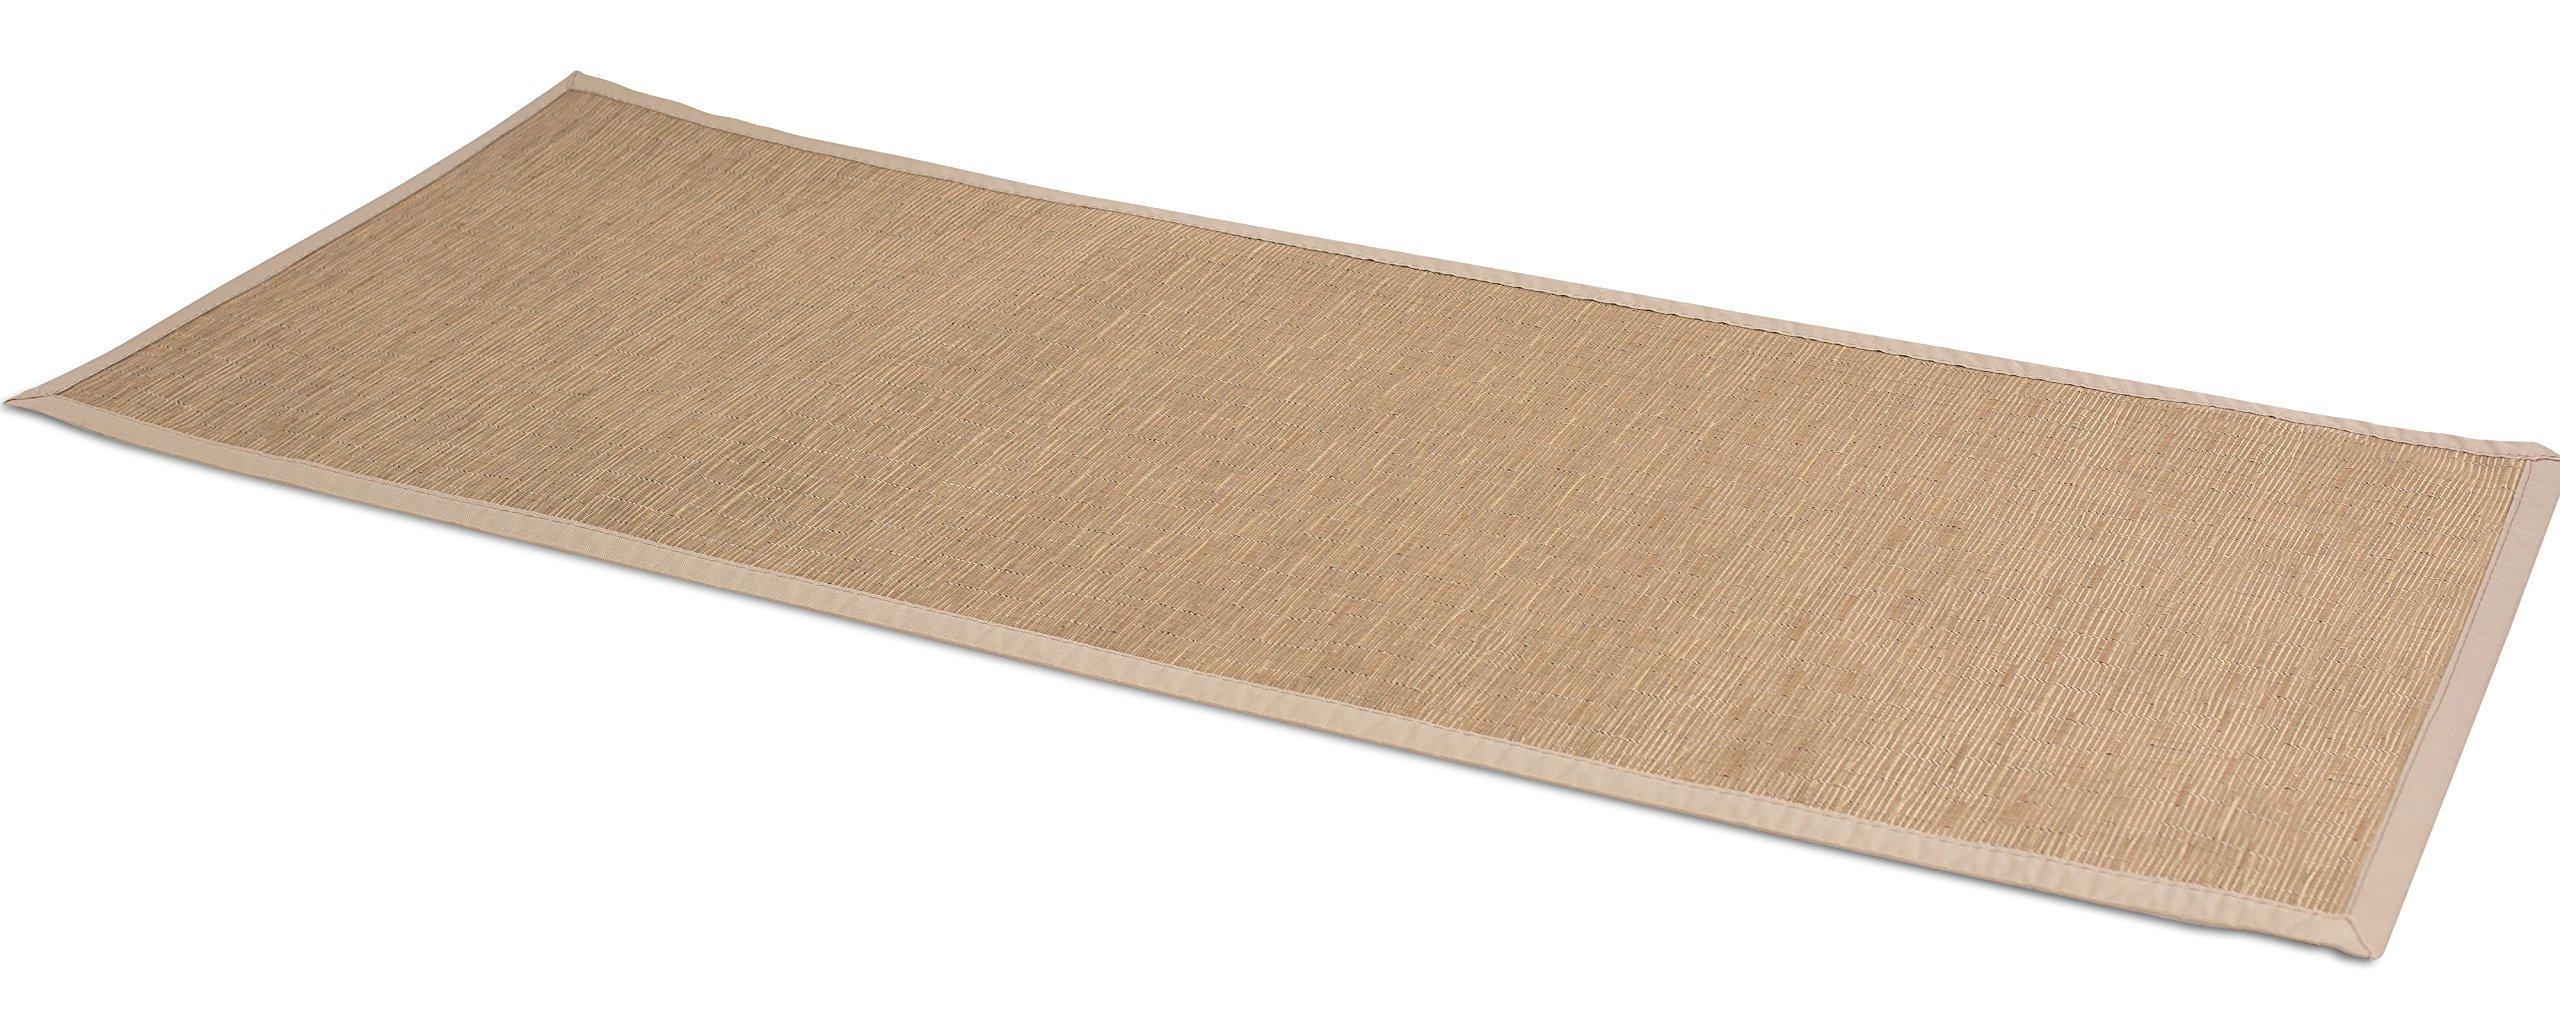 BirdRock Home Indoor Outdoor Floor Runner | Non Slip Floor Mat for Kitchen Hallway Bath Office | 24 x 60 Inches | Tan